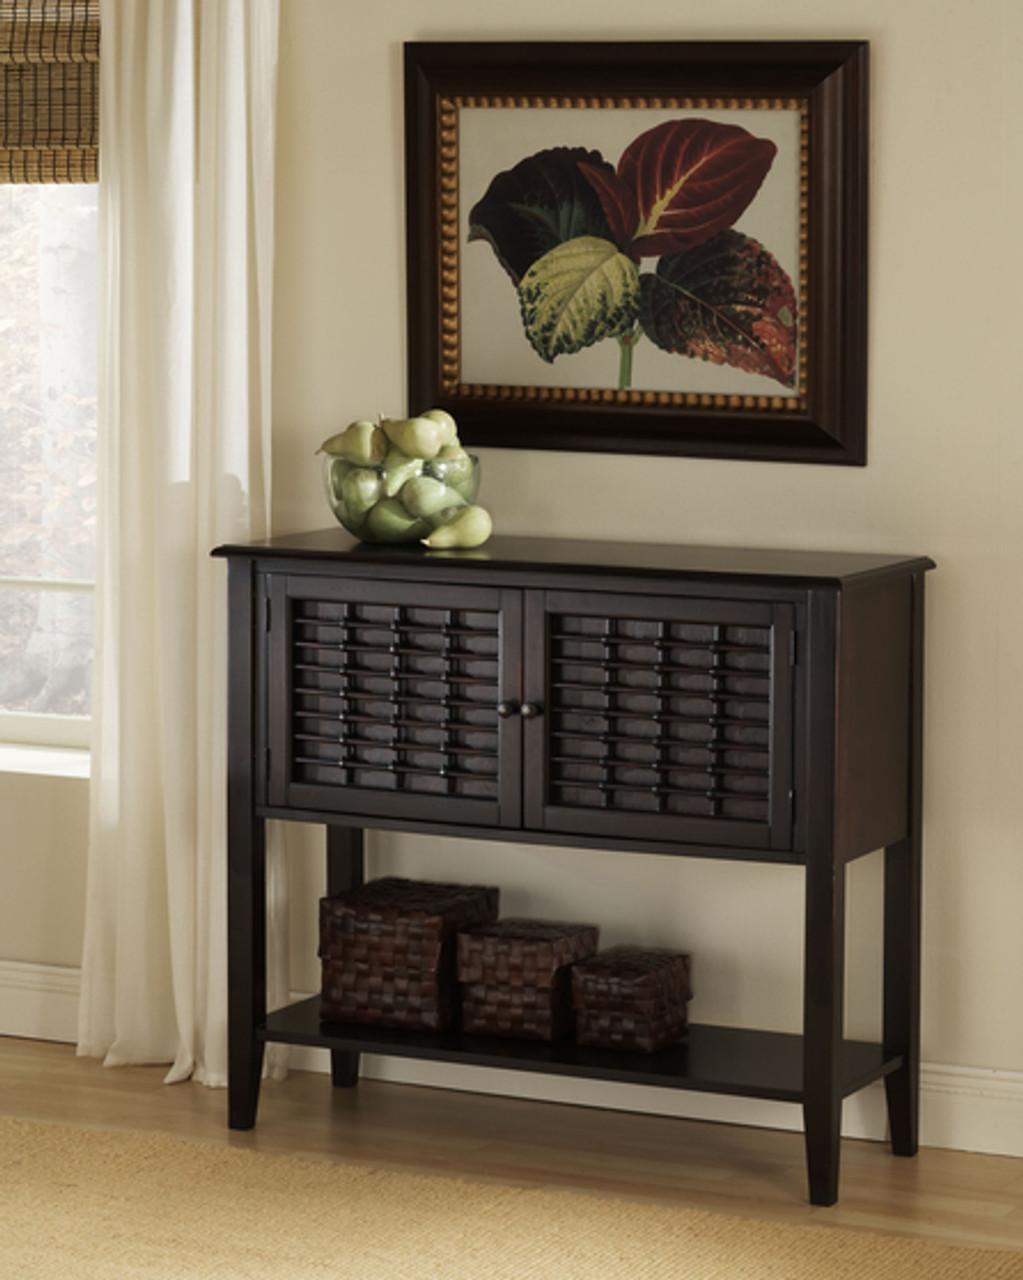 Dining Storage Furniture